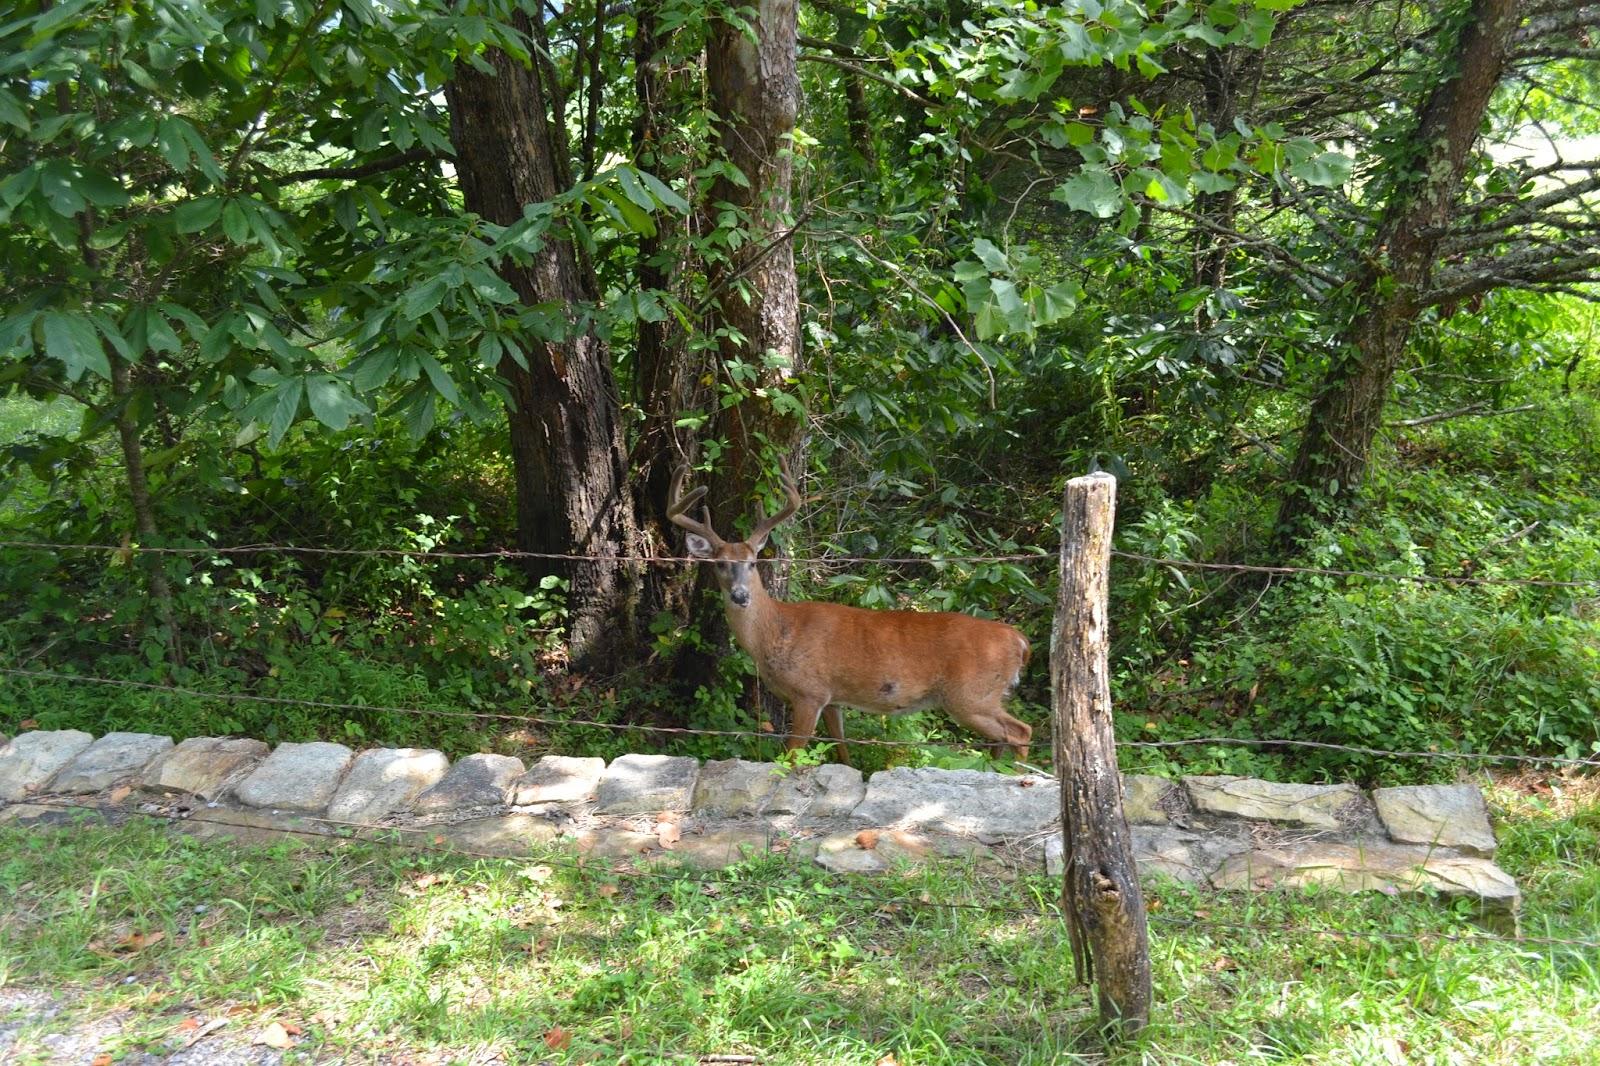 Wild deer in Cades Cove